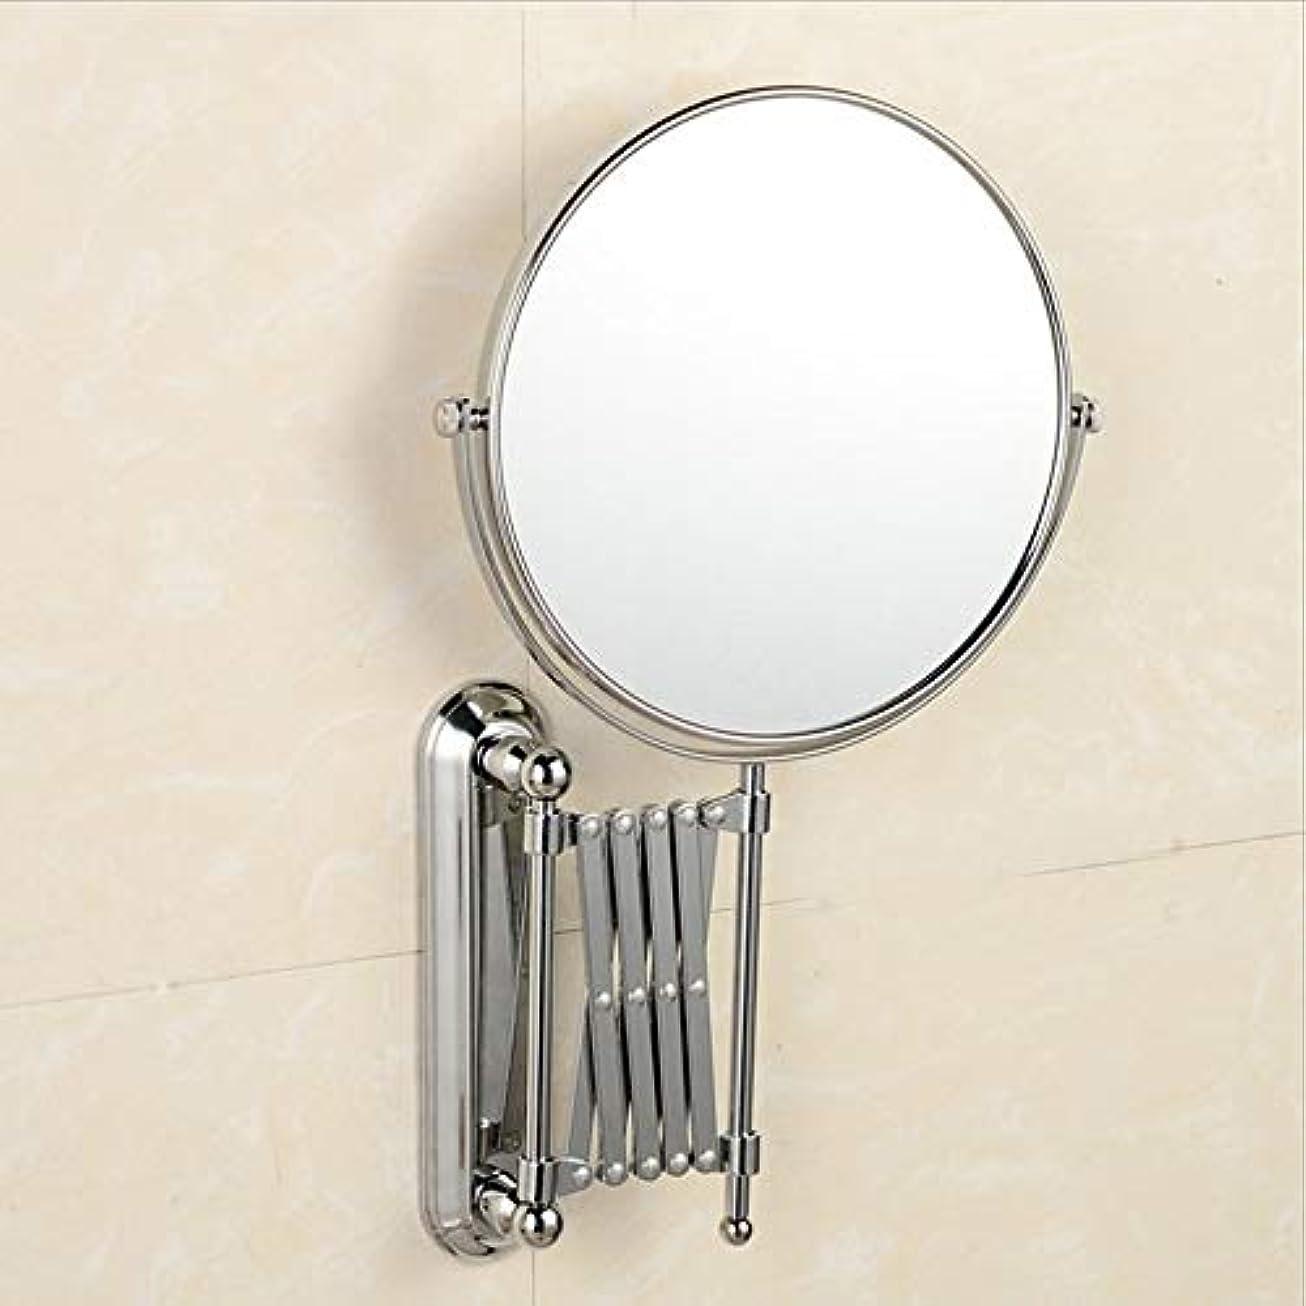 ステップマント趣味流行の 両面美容化粧鏡折りたたみ美容鏡浴室美容化粧鏡ステンレス鋼6インチシルバー